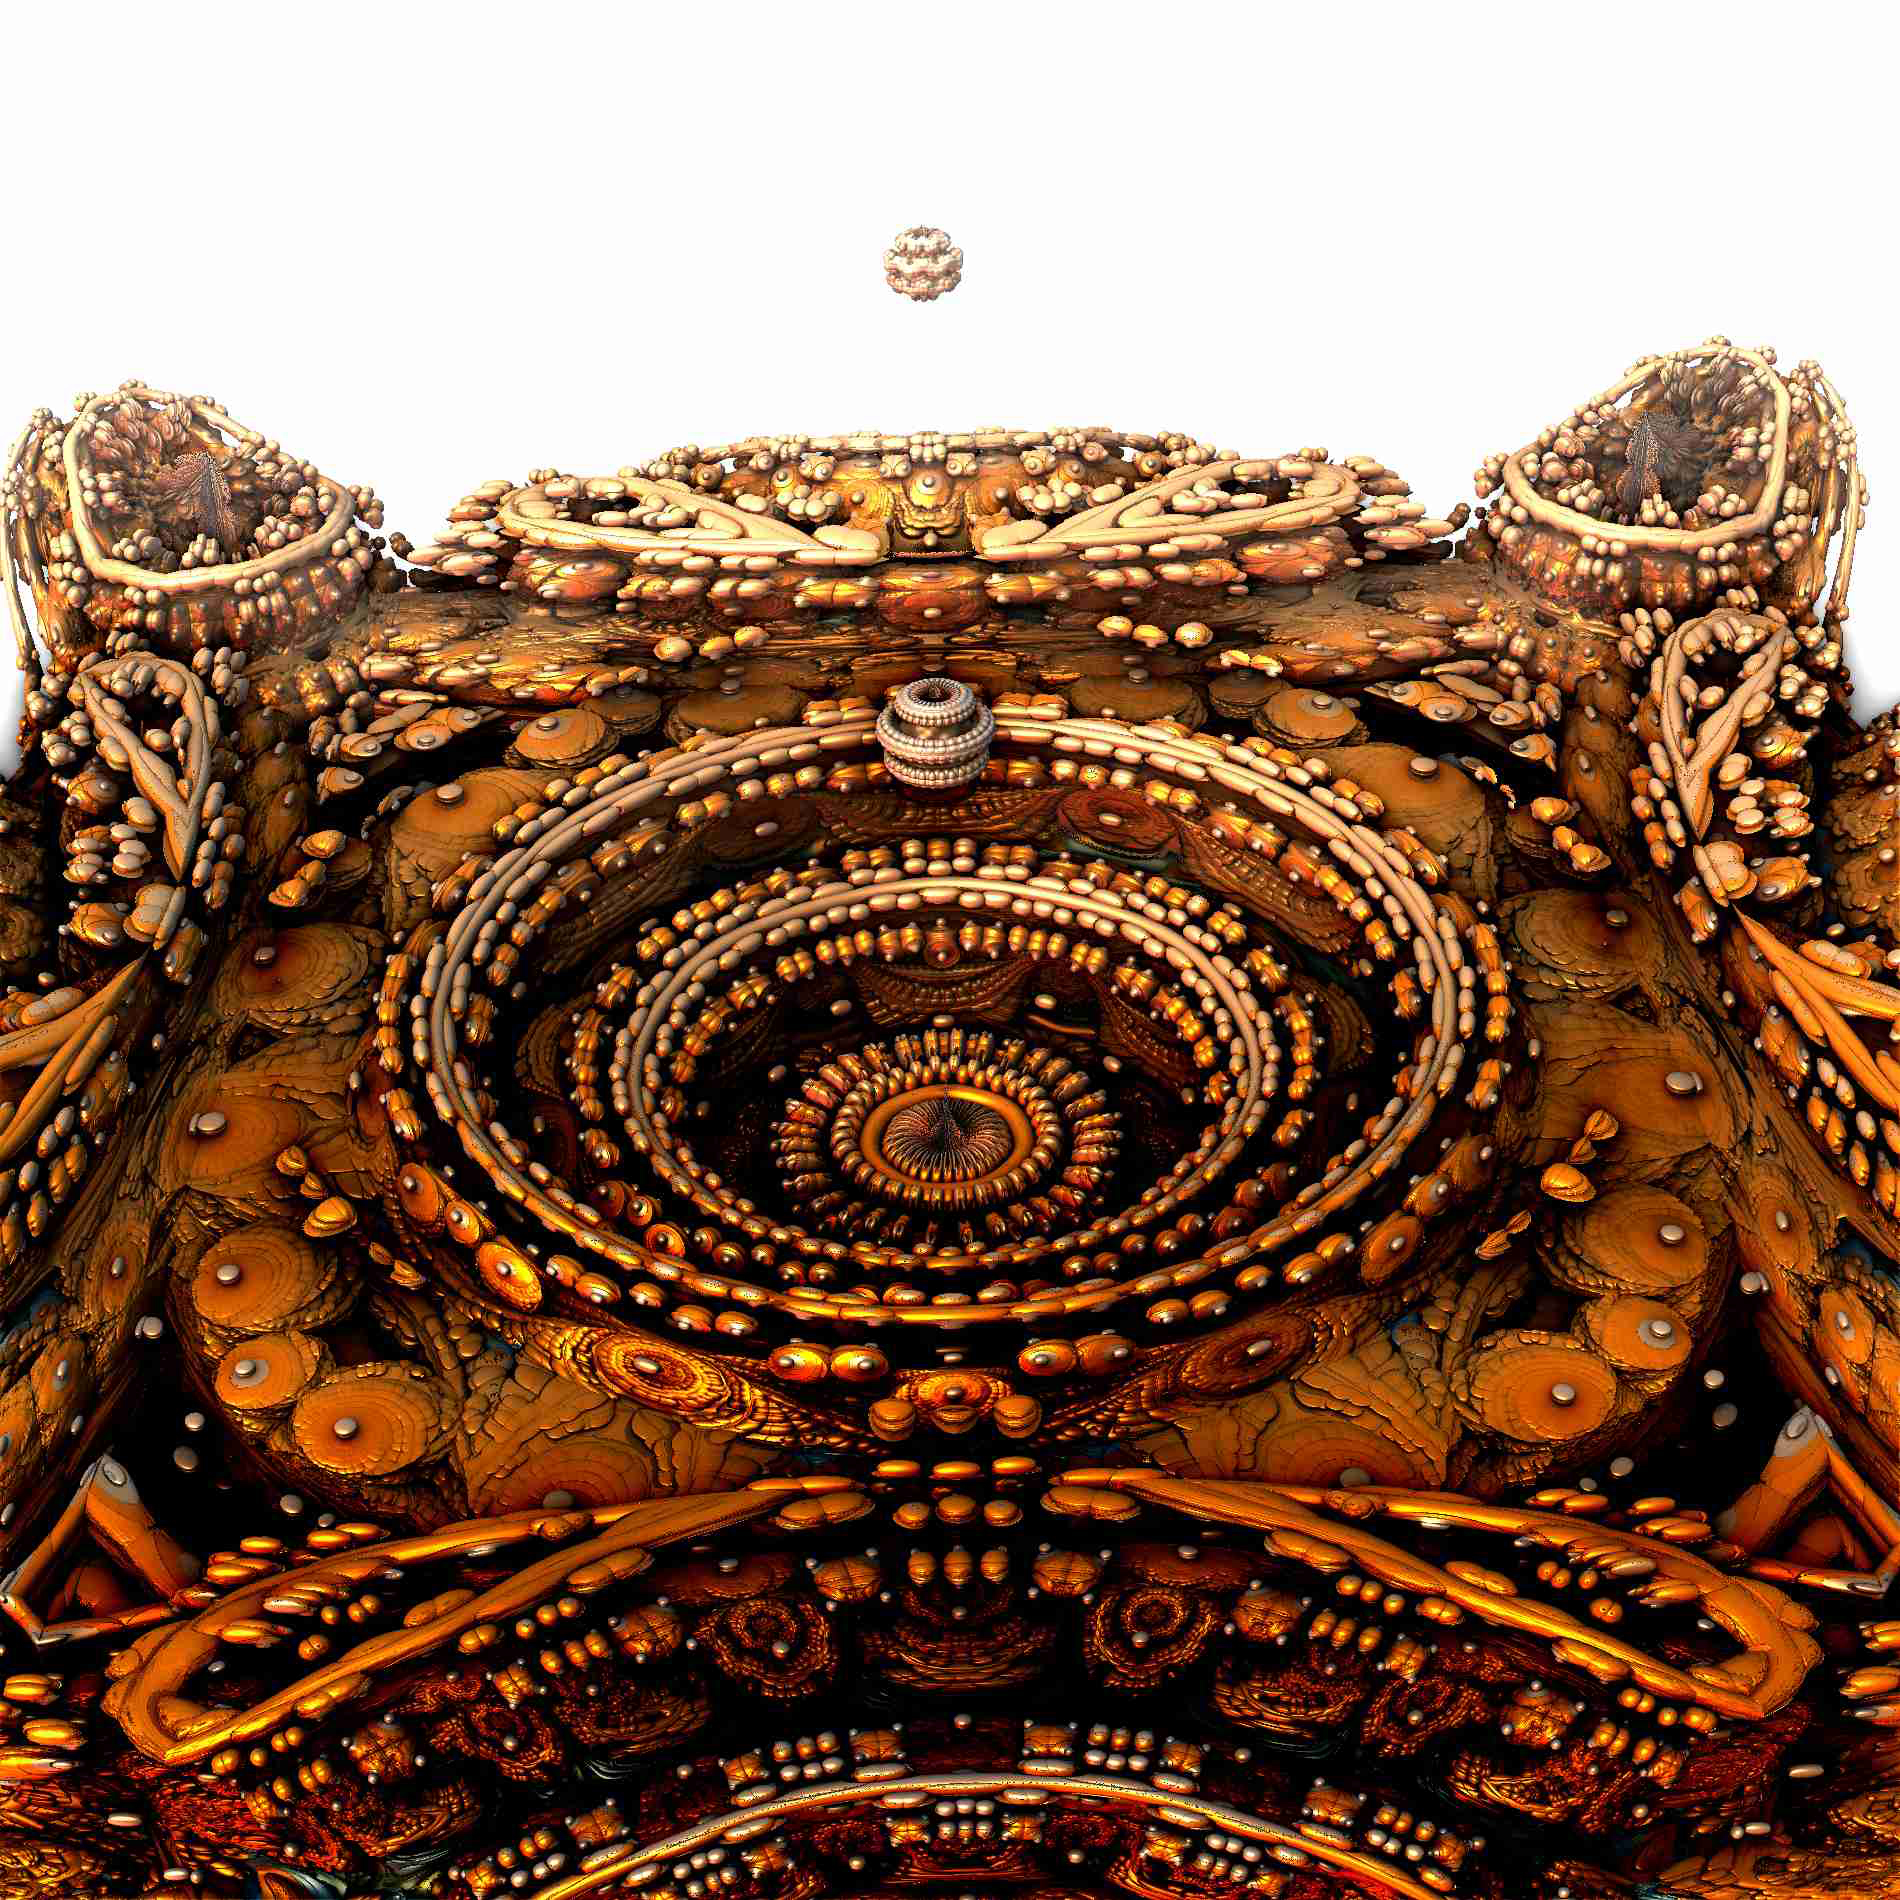 古代の遺跡 宇宙基地に宇宙船到着:リアル